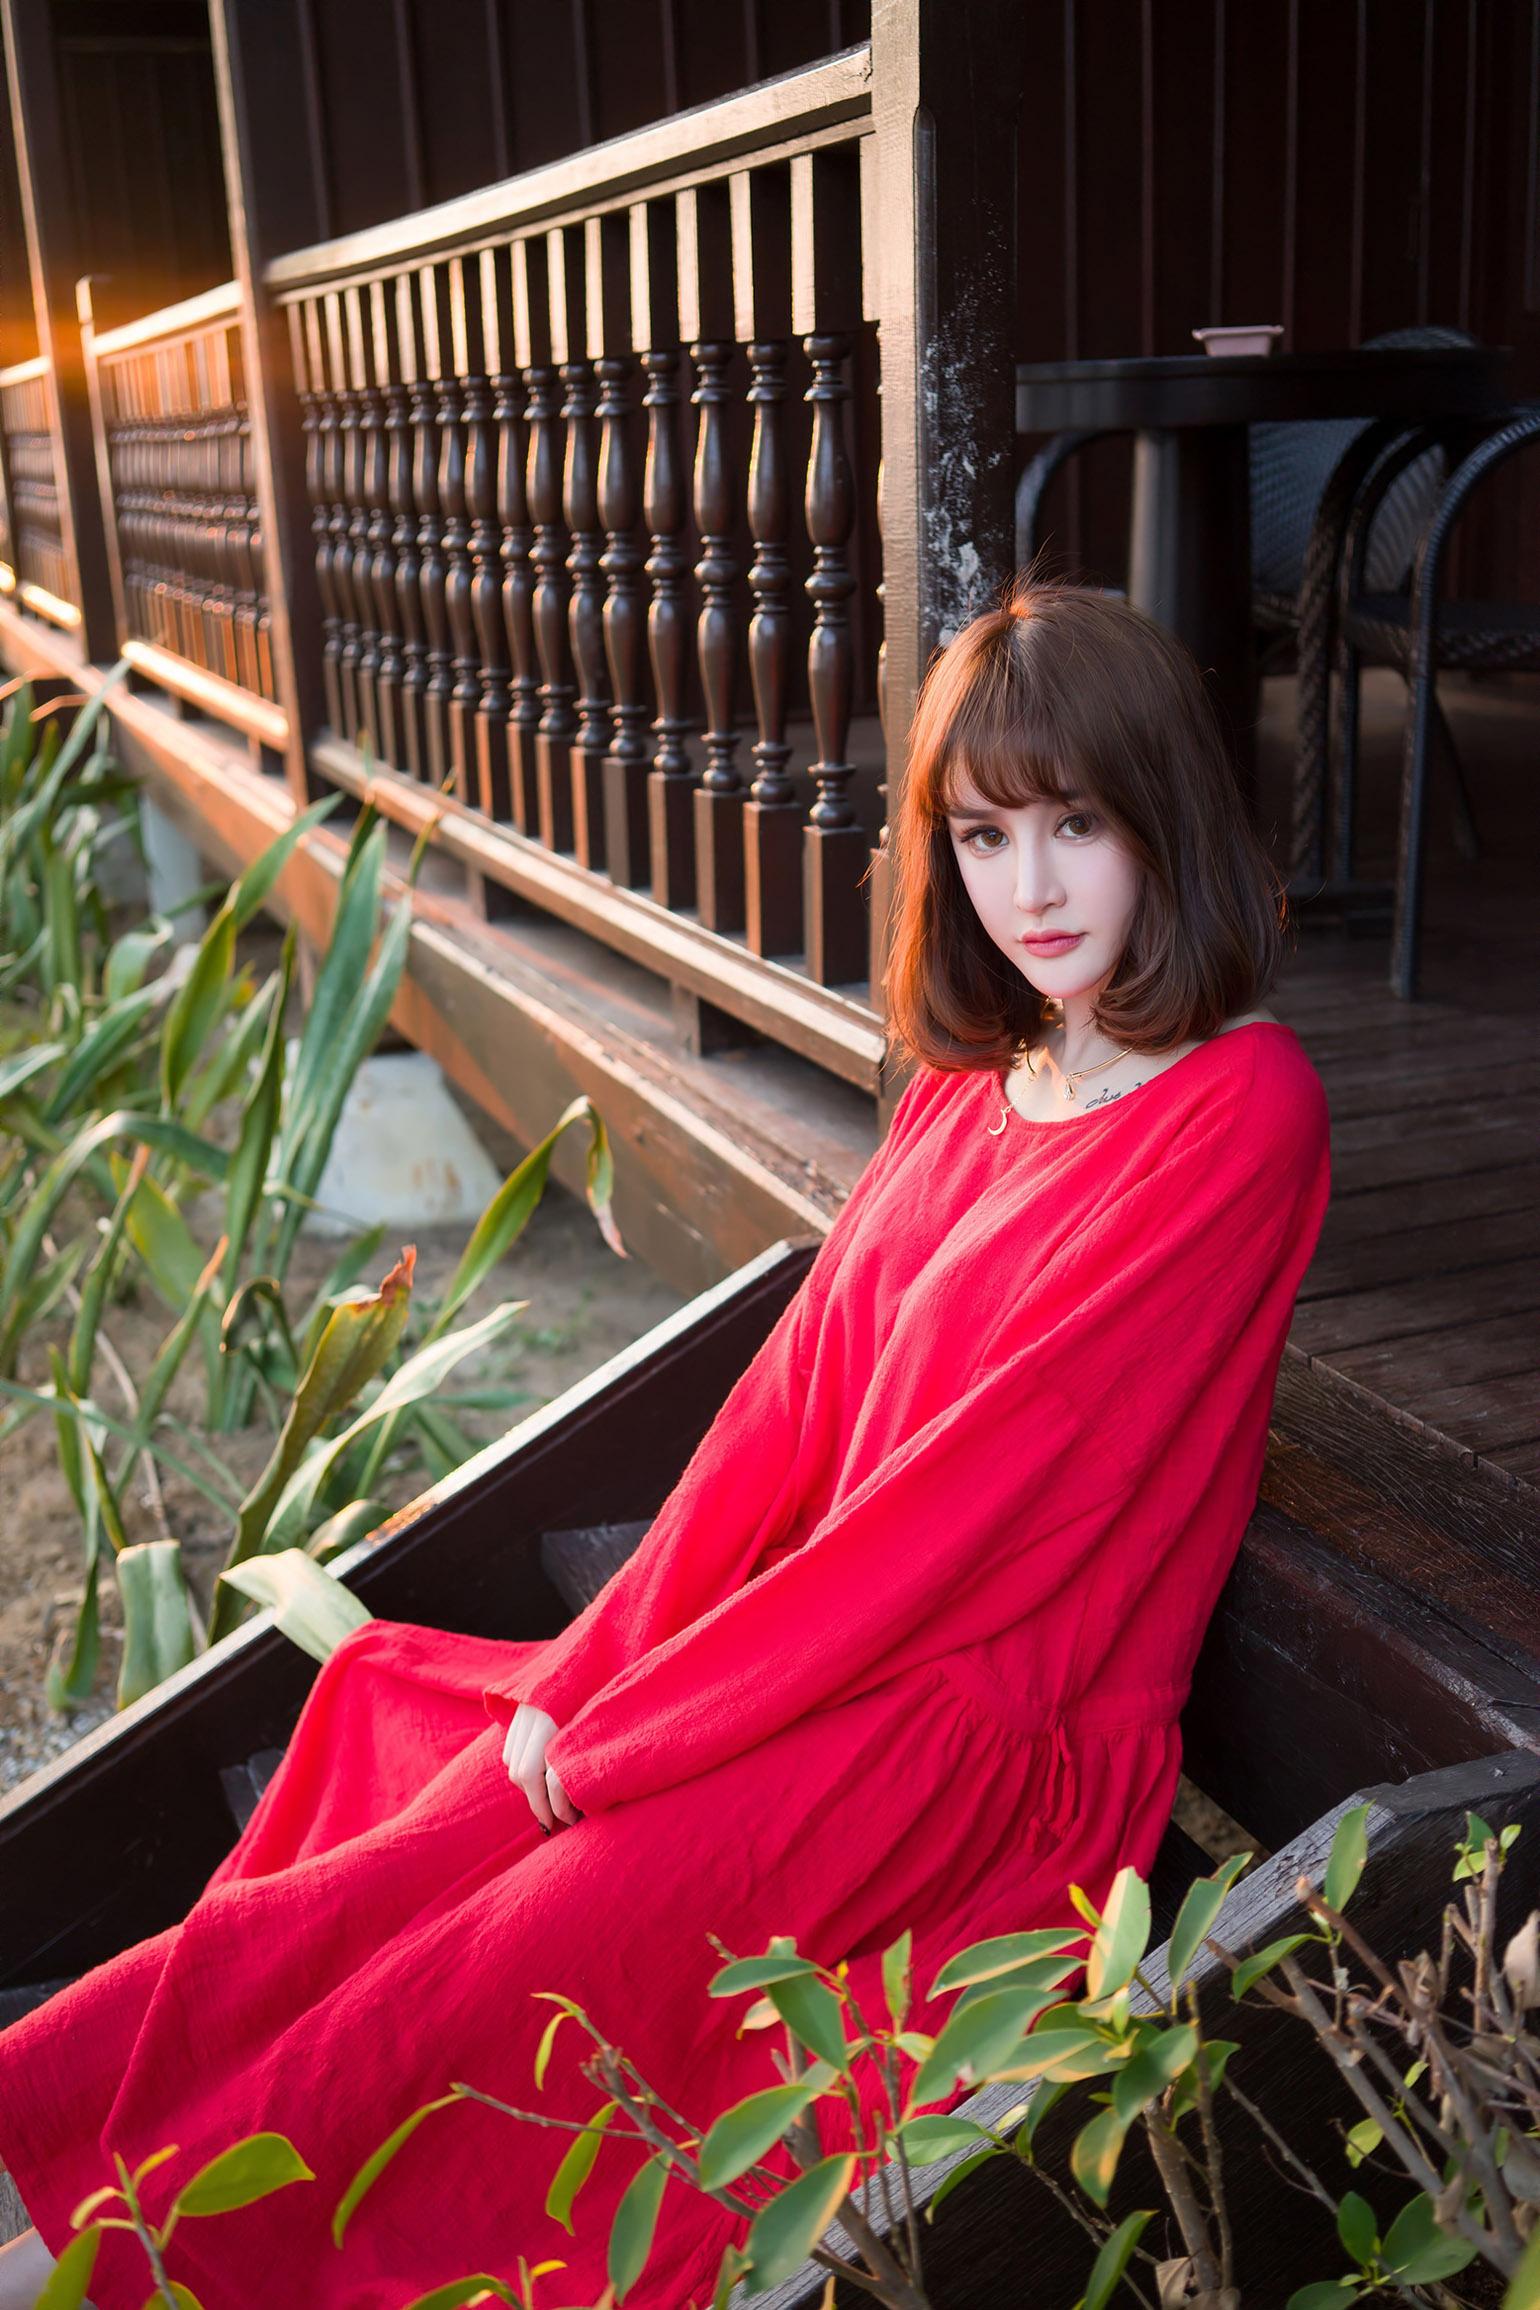 牵一缕柔情缱绻 守一段如歌回忆【情感美文】 - 花仙子 - 花仙子的博客.